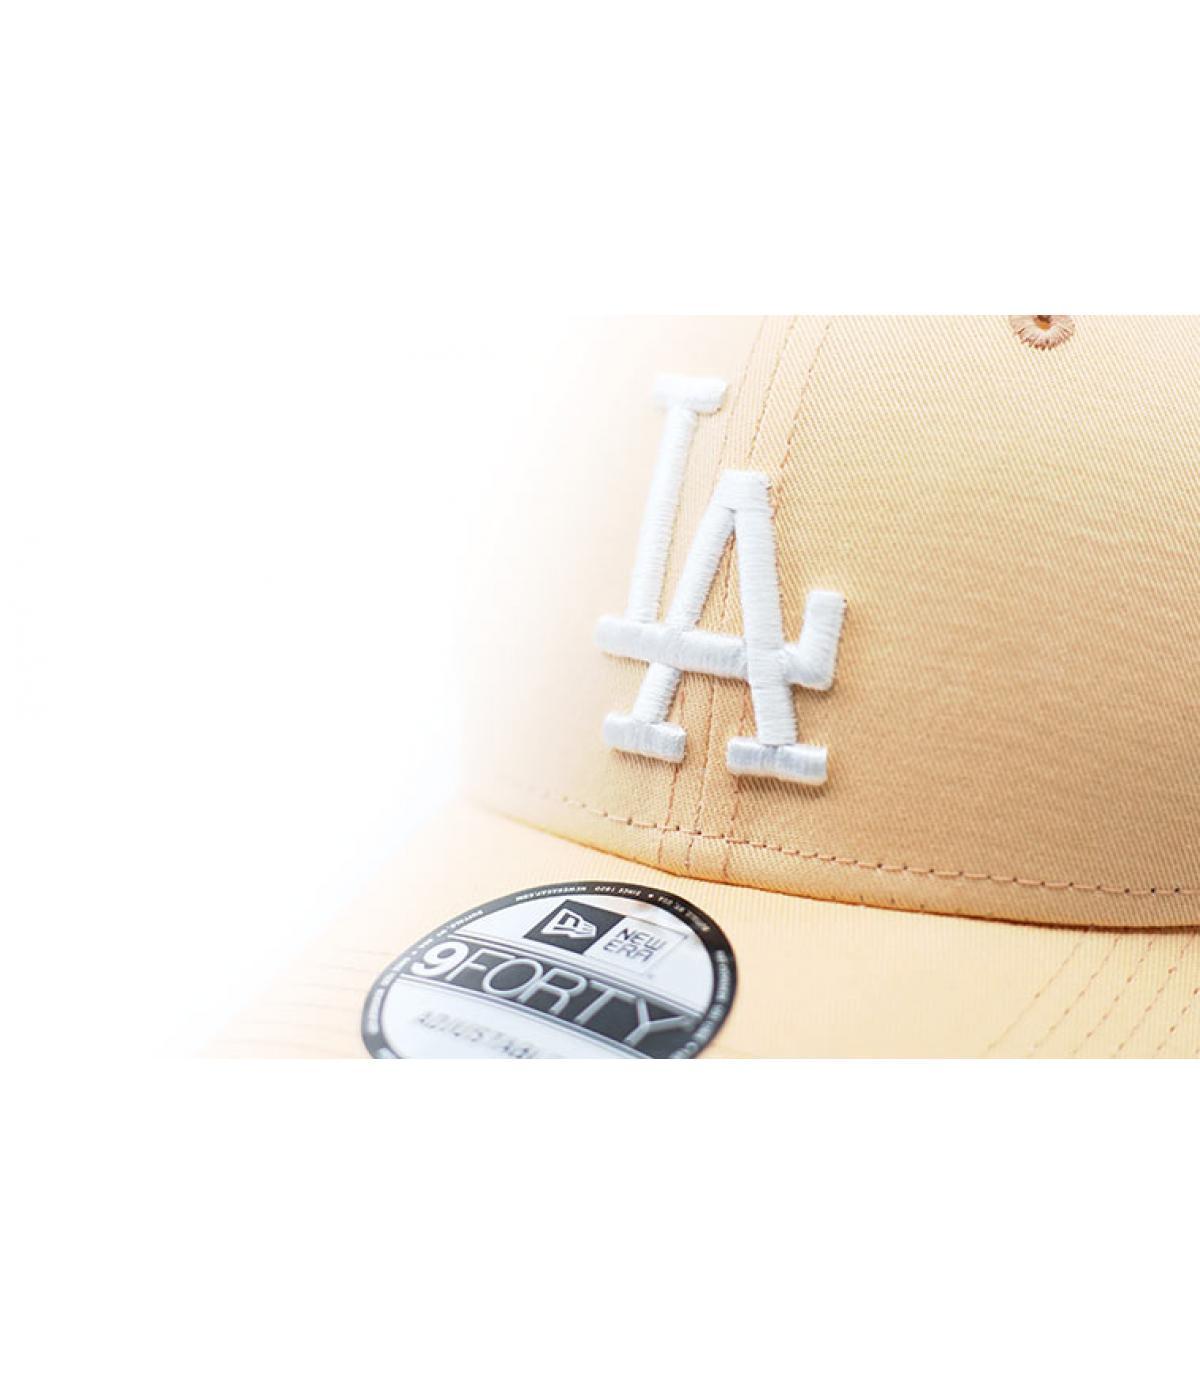 Details League Ess 9Forty LA peach white - afbeeling 3